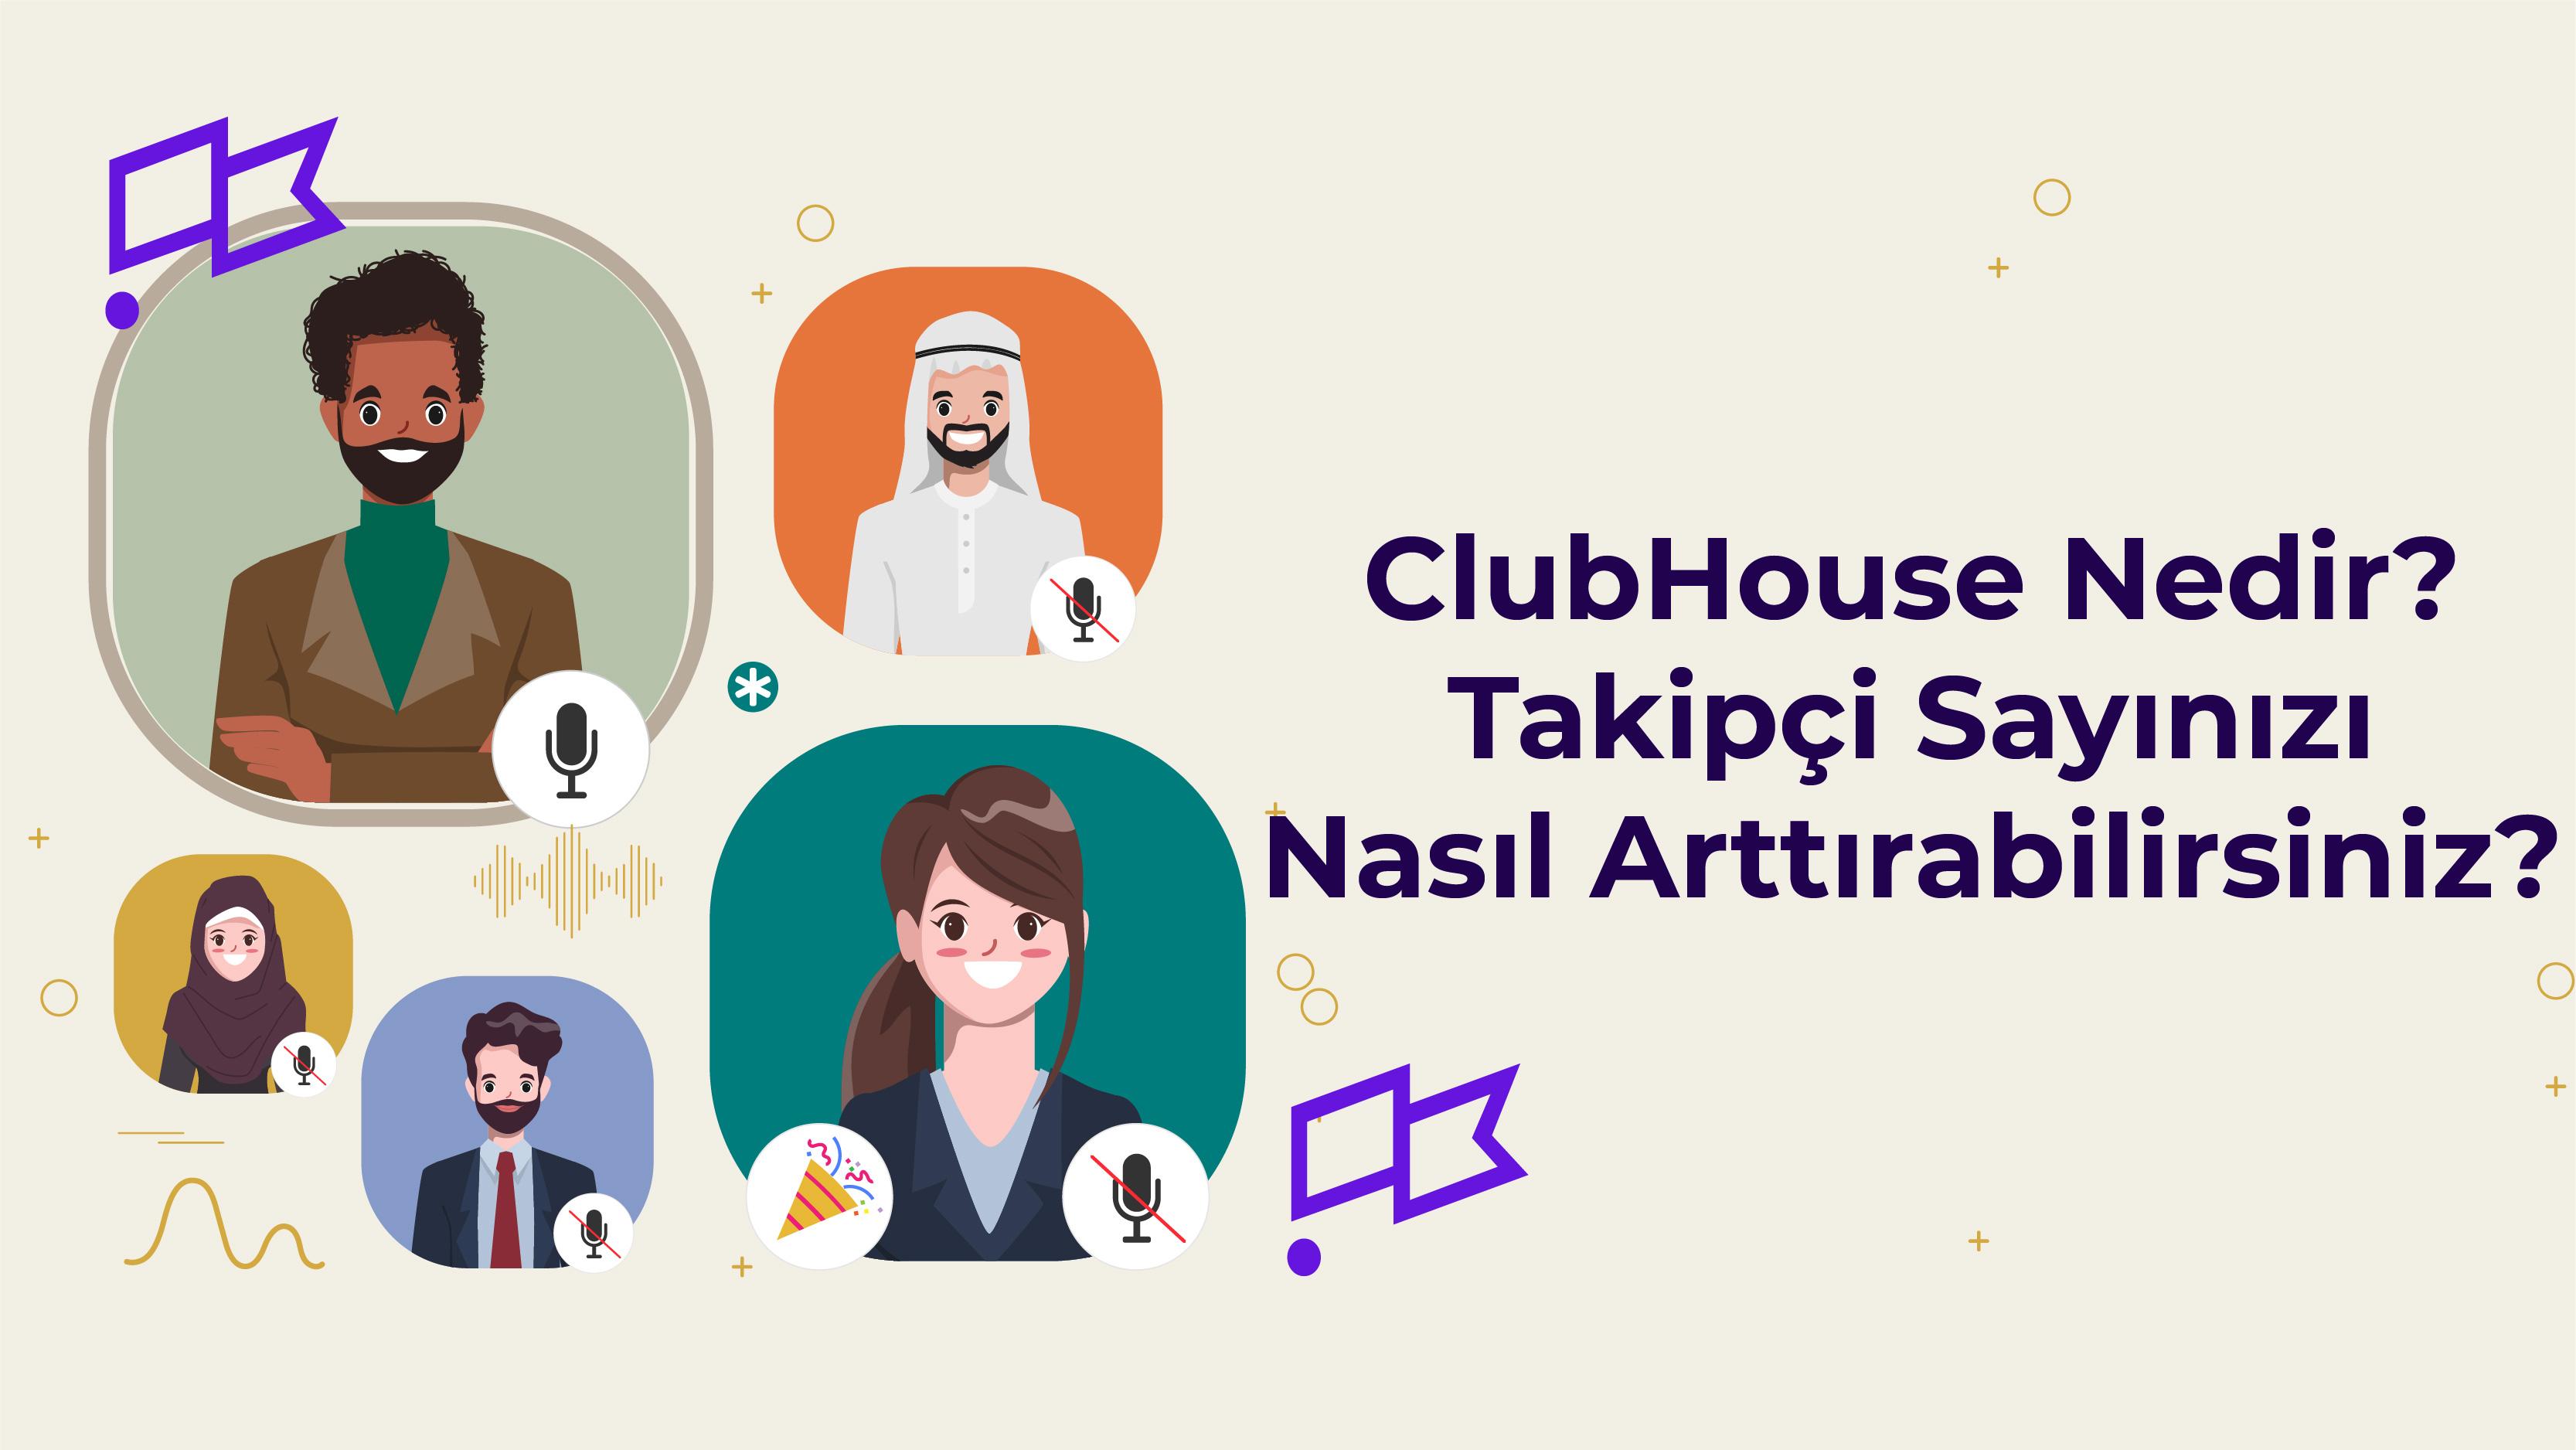 ClubHouse Nedir? Takipçi Sayınızı Nasıl Arttırabilirsiniz?